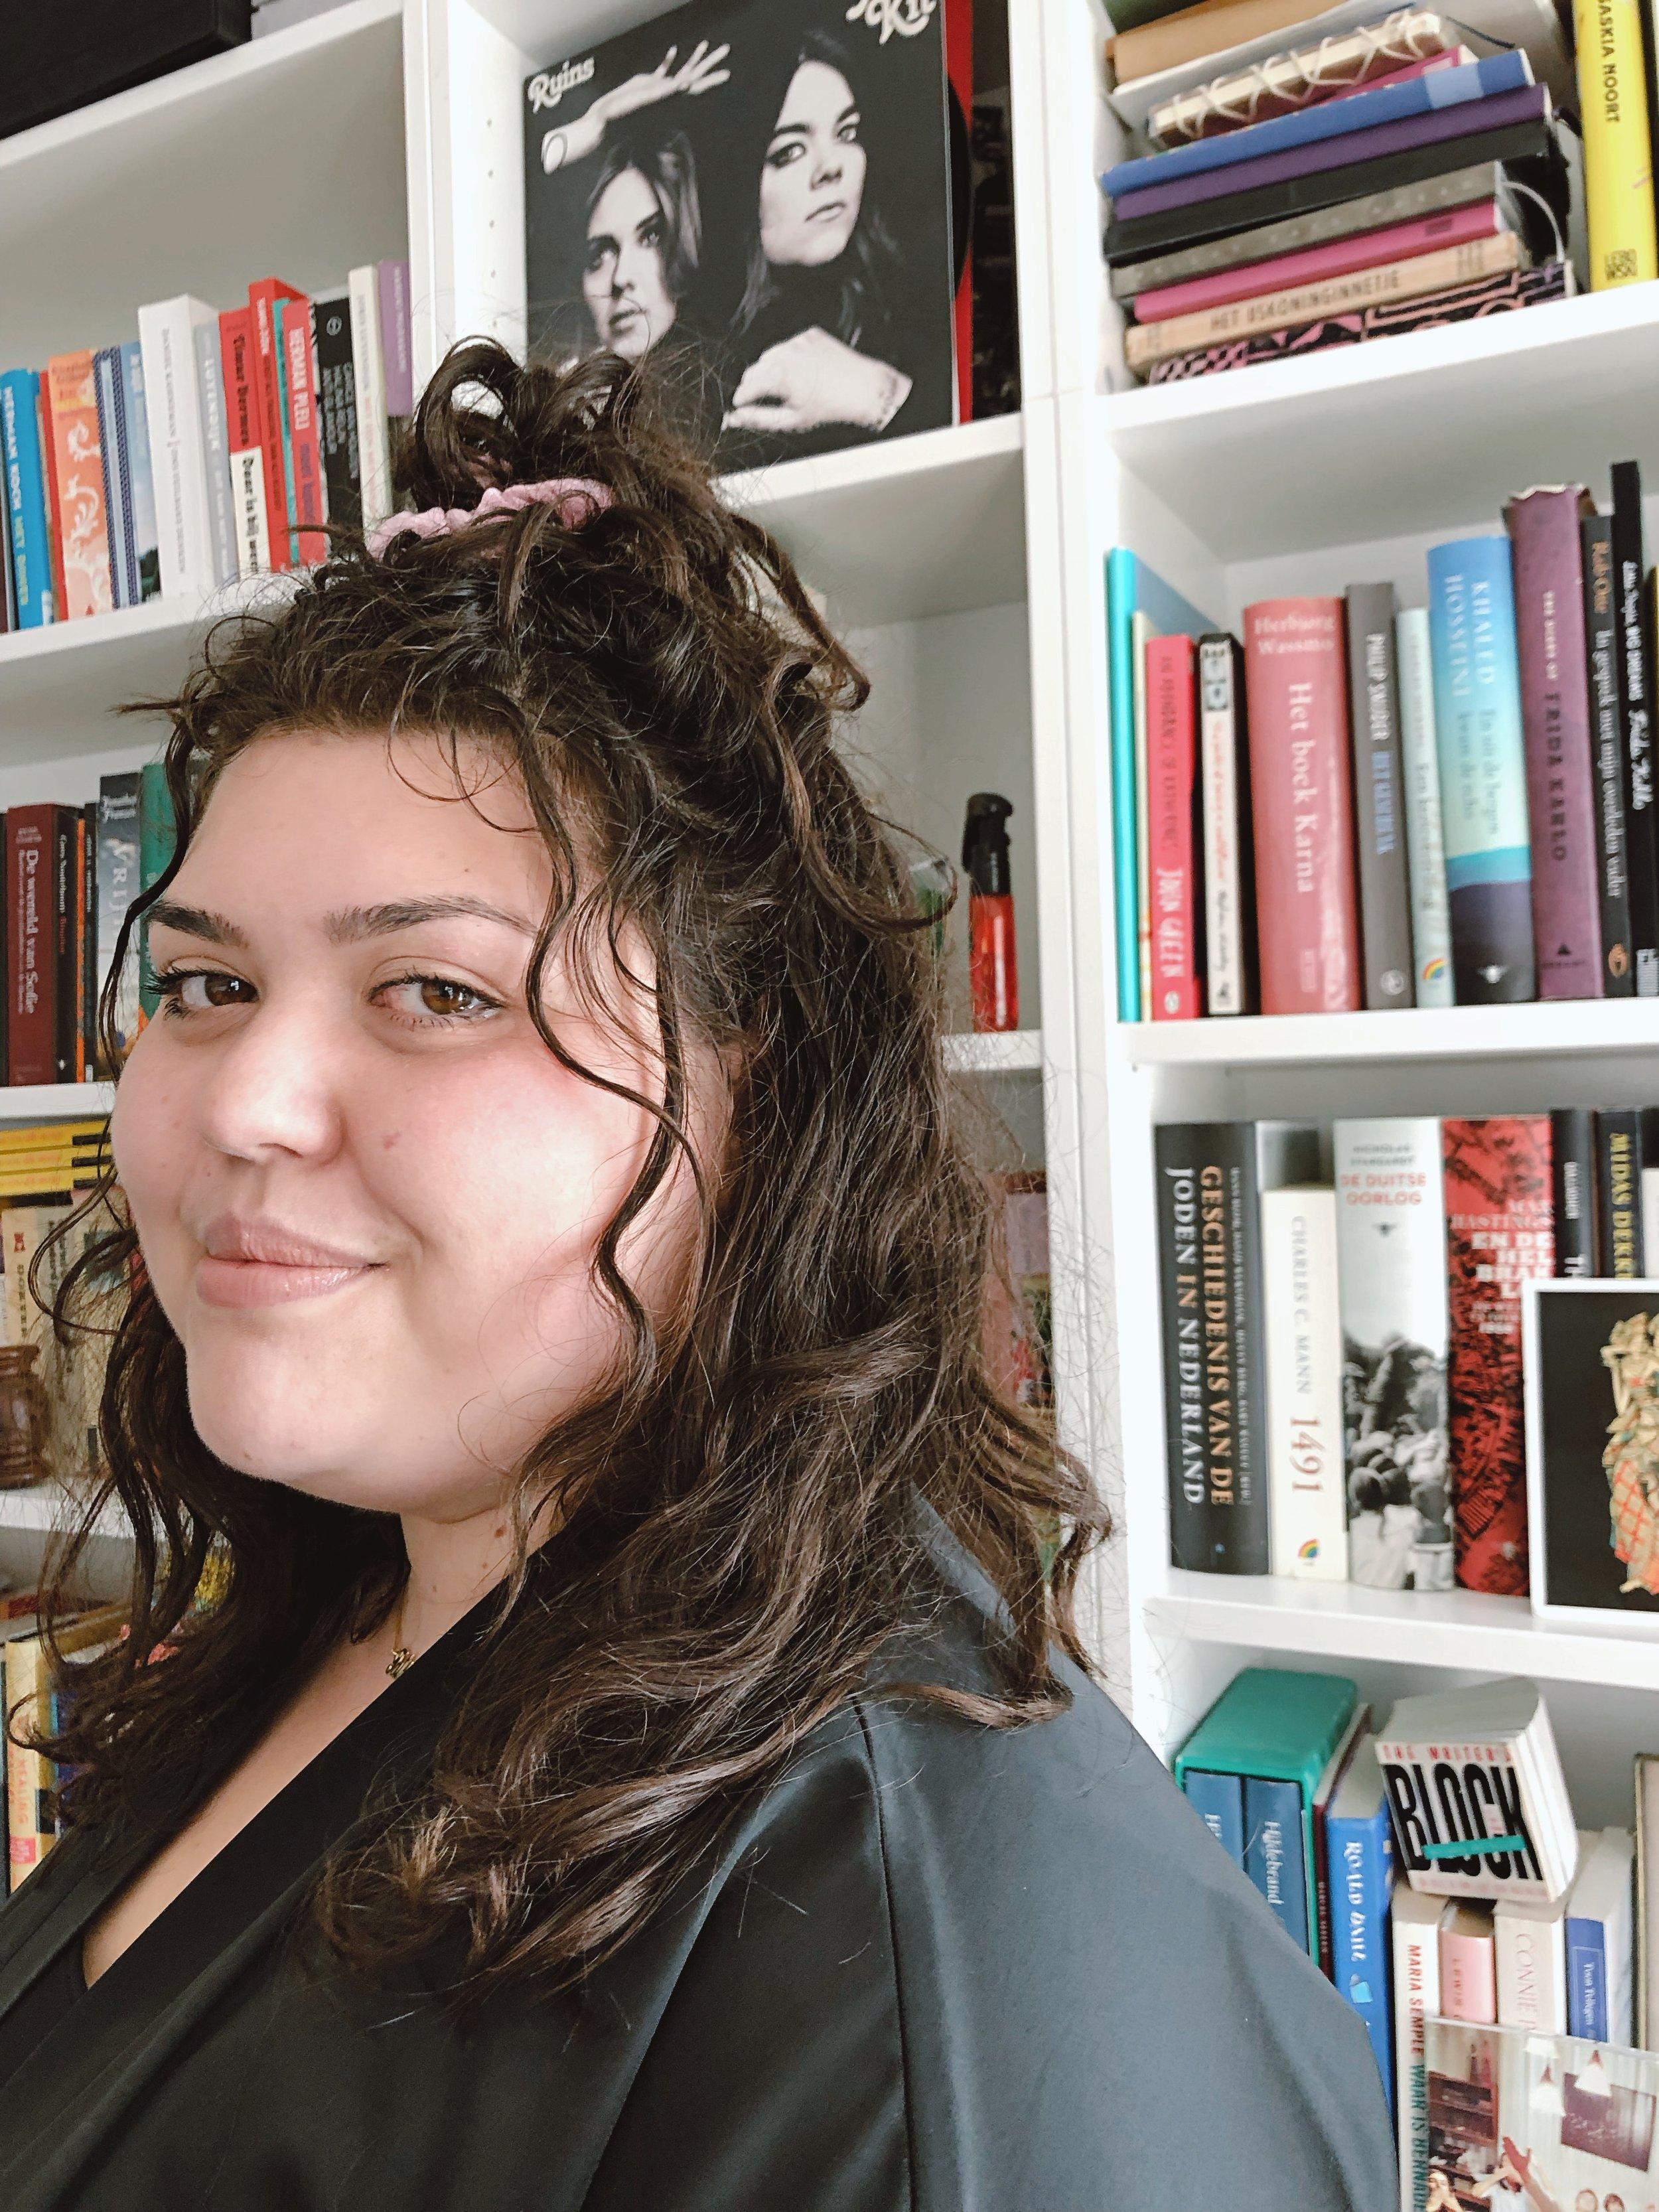 - Tatjana Almuli debuteerde in april met haar boek Knap voor een dik meisje en duikt sindsdien overal op in de media; ter promotie van haar pas verschenen boek, maar ook om tegengeluid te geven na uitspraken van ignorante televisiepresentatrices over de plus-size mannequins en sportleggings van Nike.